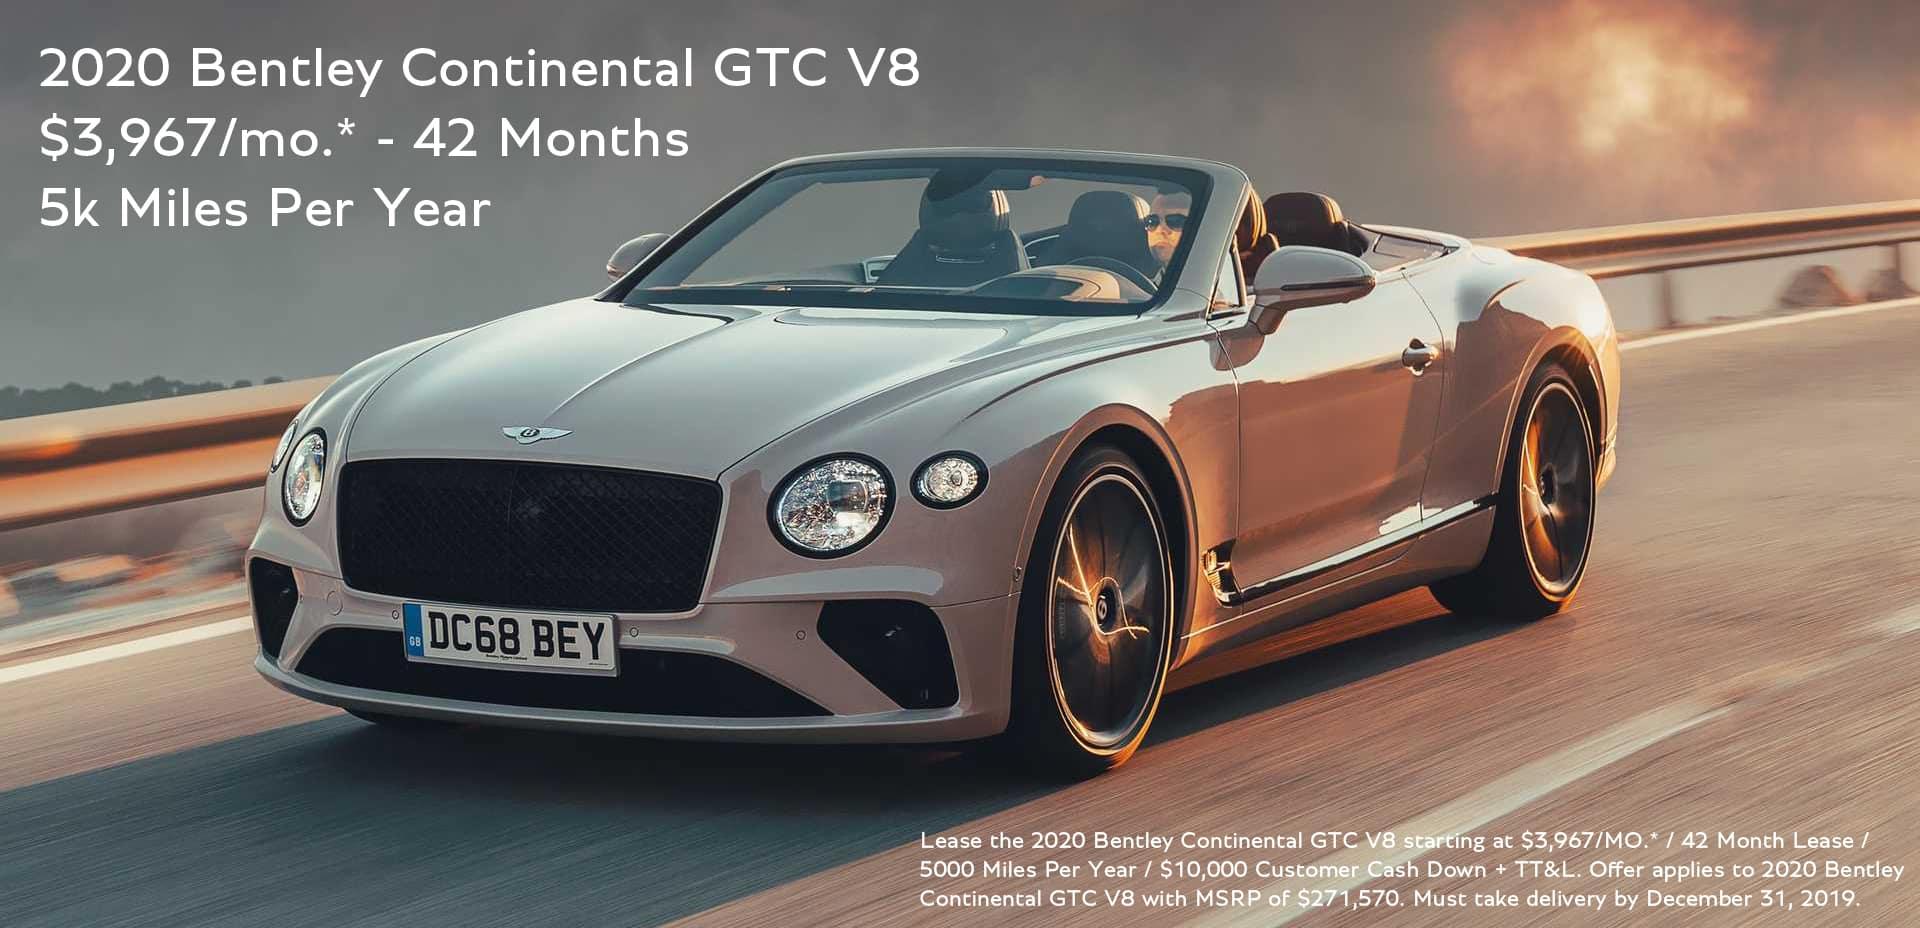 2020 Bentley GTC Lease width=